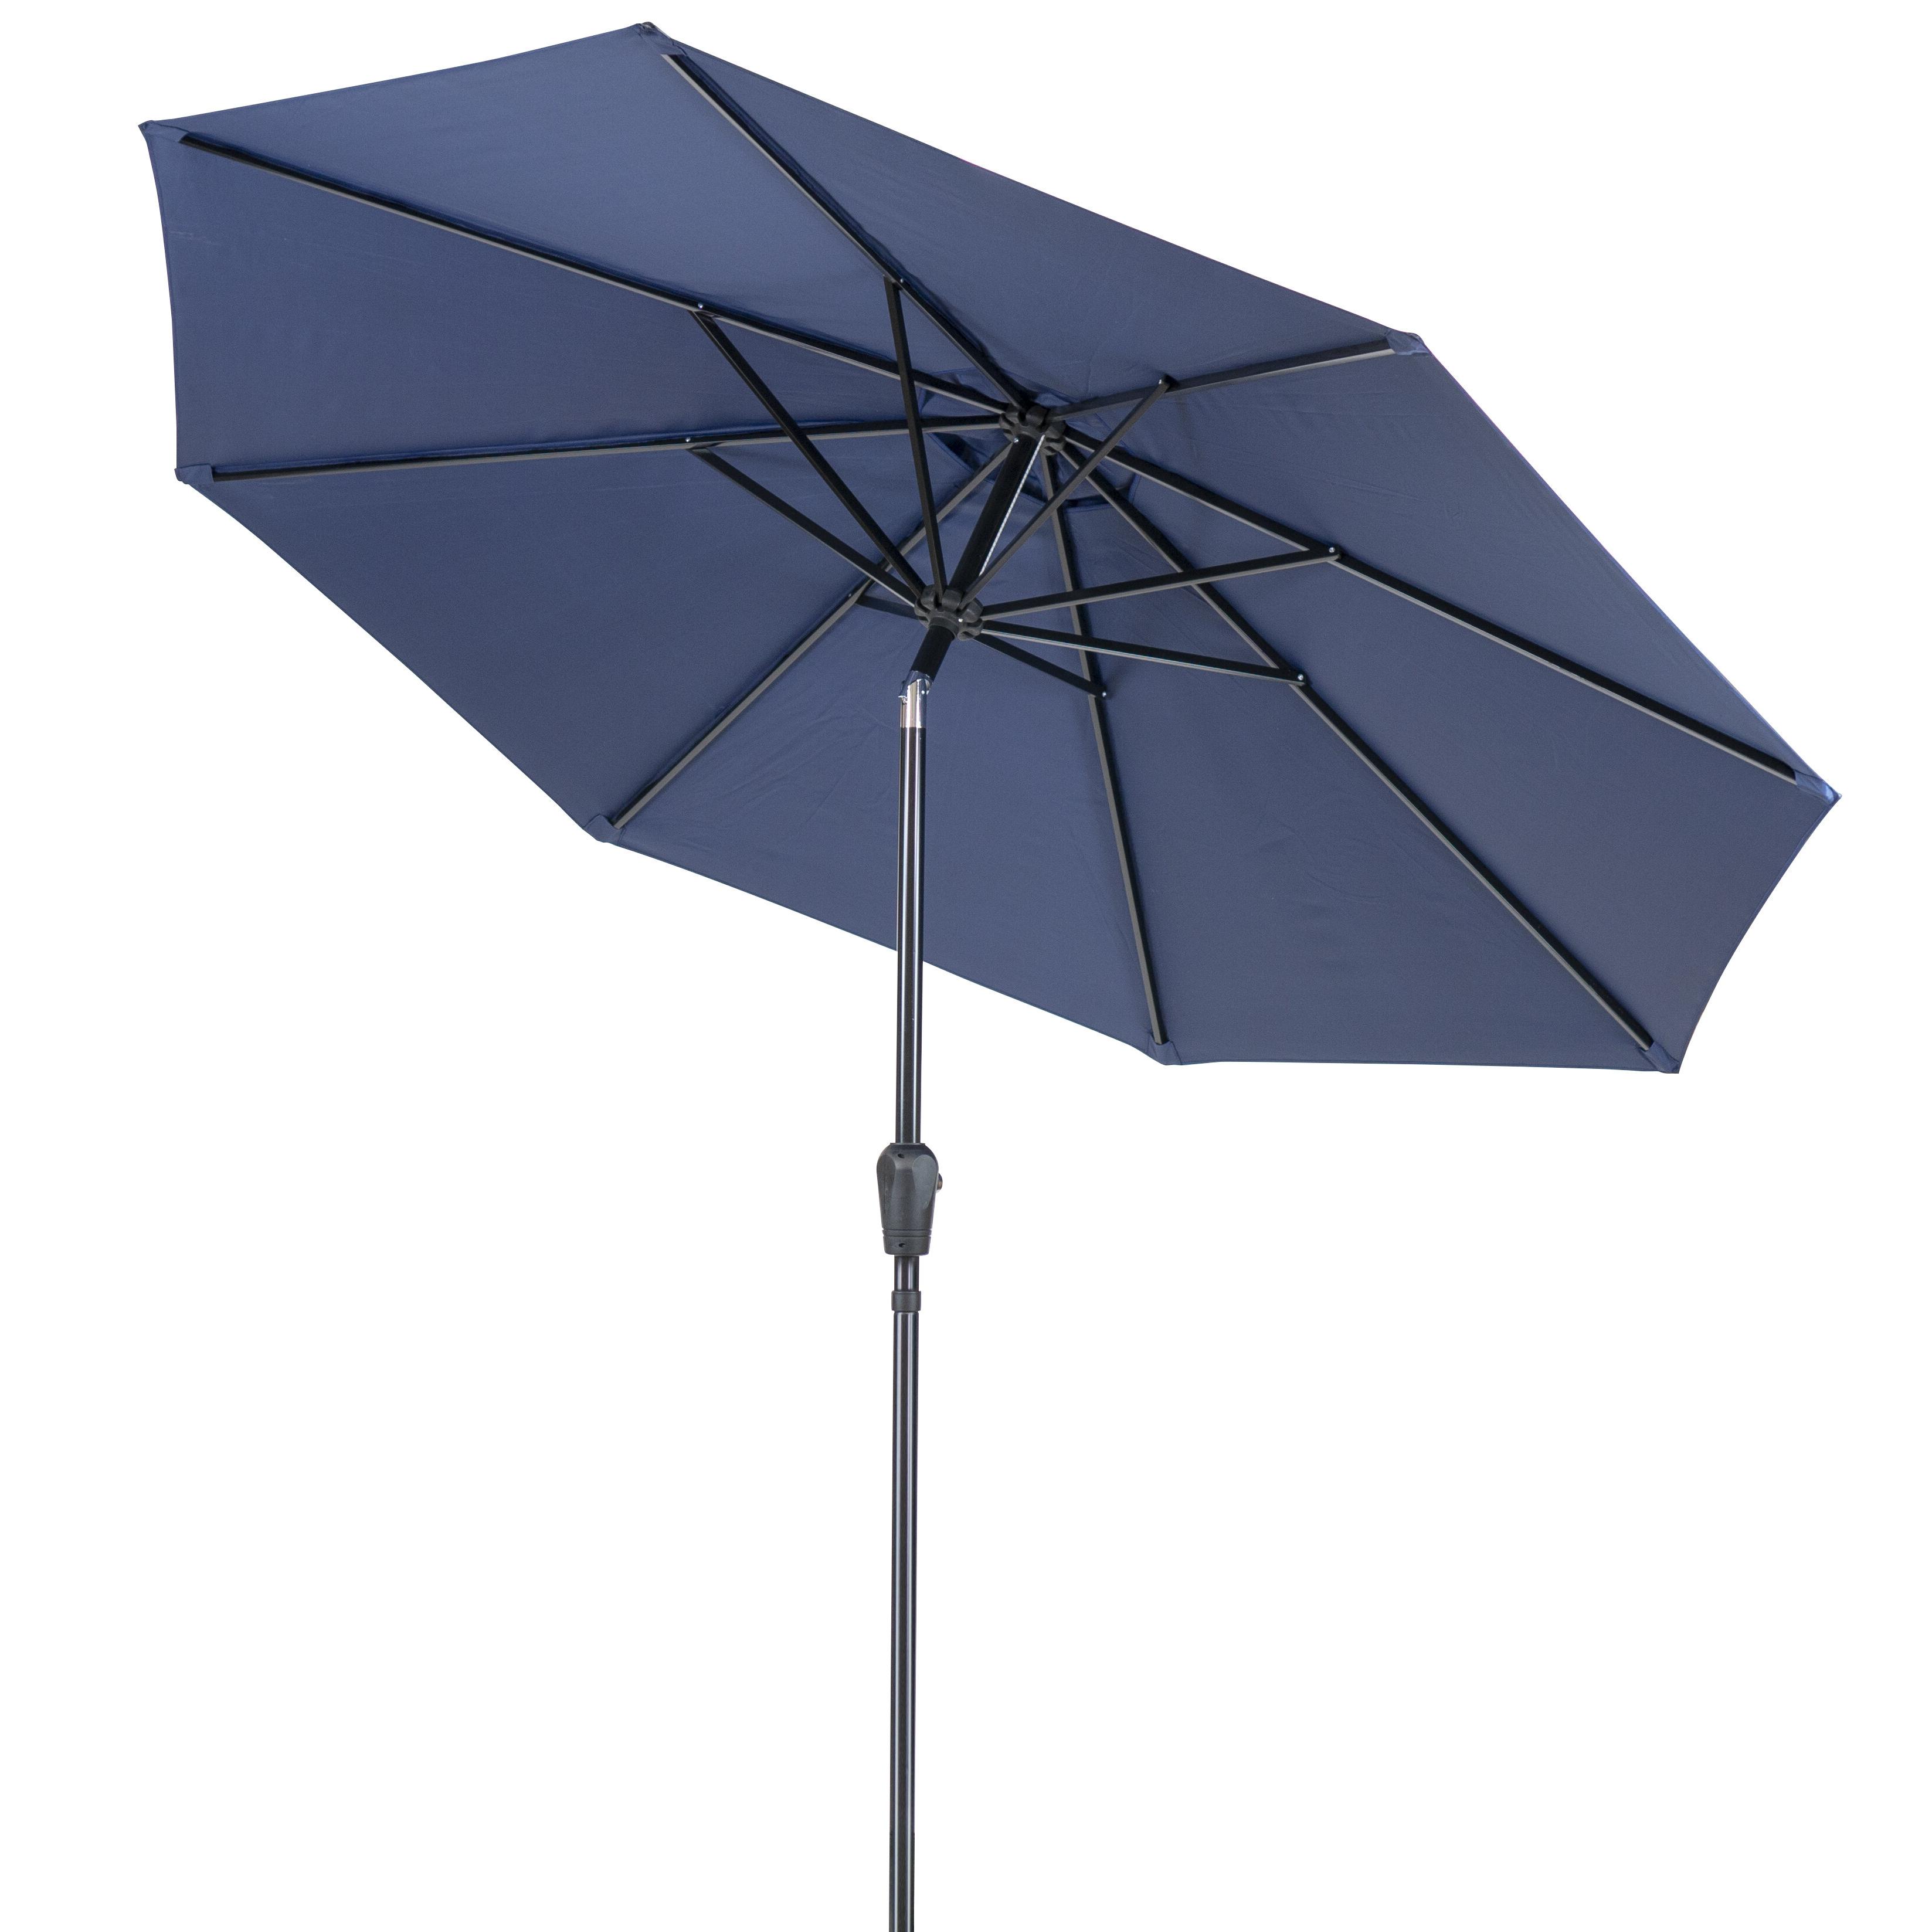 Patio Premier Round 9' Market Umbrella Pertaining To Well Known Devansh Market Umbrellas (View 15 of 20)